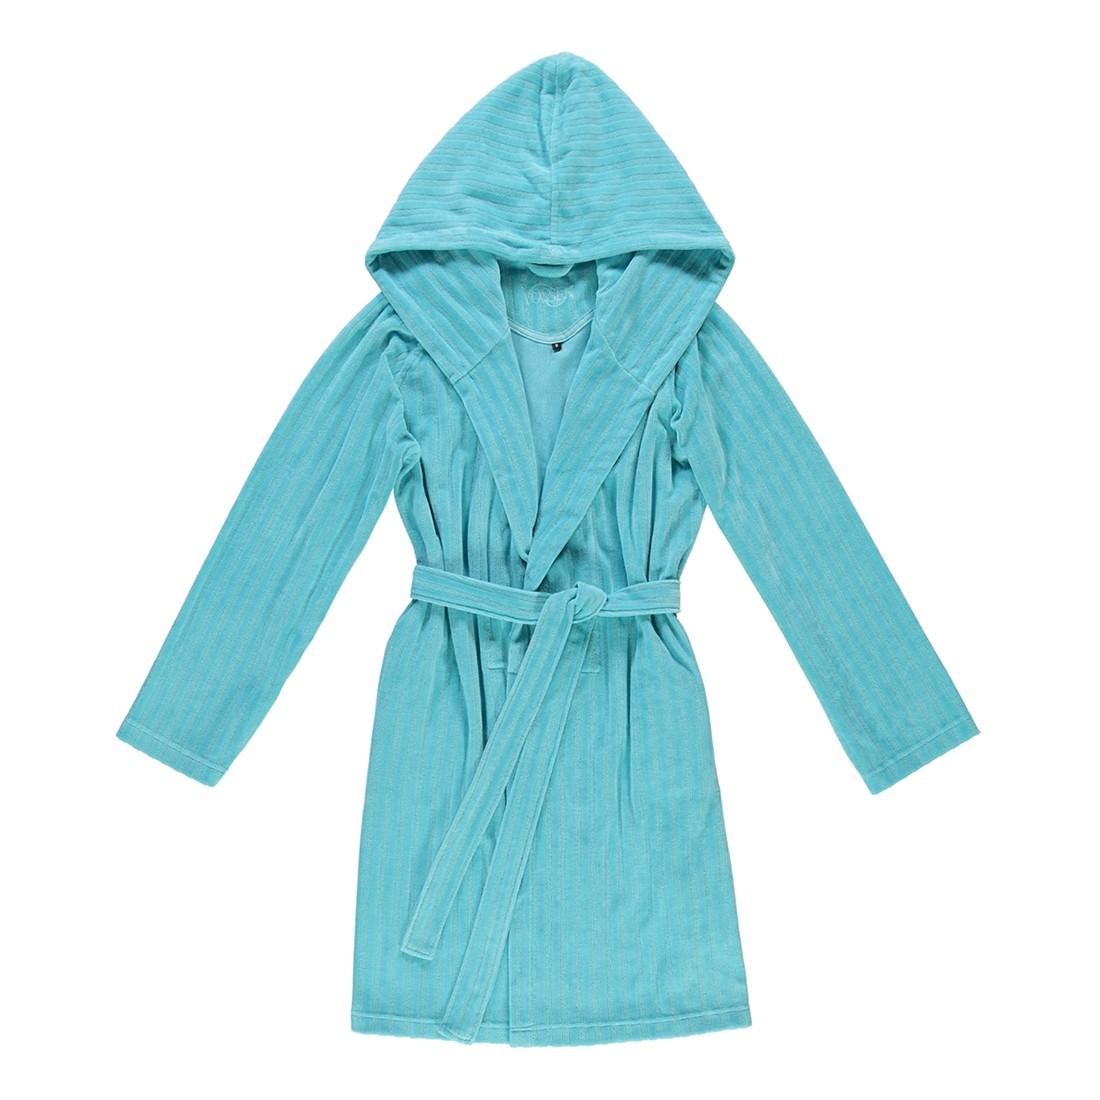 Bademantel Ruby – Damen Velours – 80% Baumwolle, 20% Polyester light azure – 534 – Größe: XL, Vossen kaufen